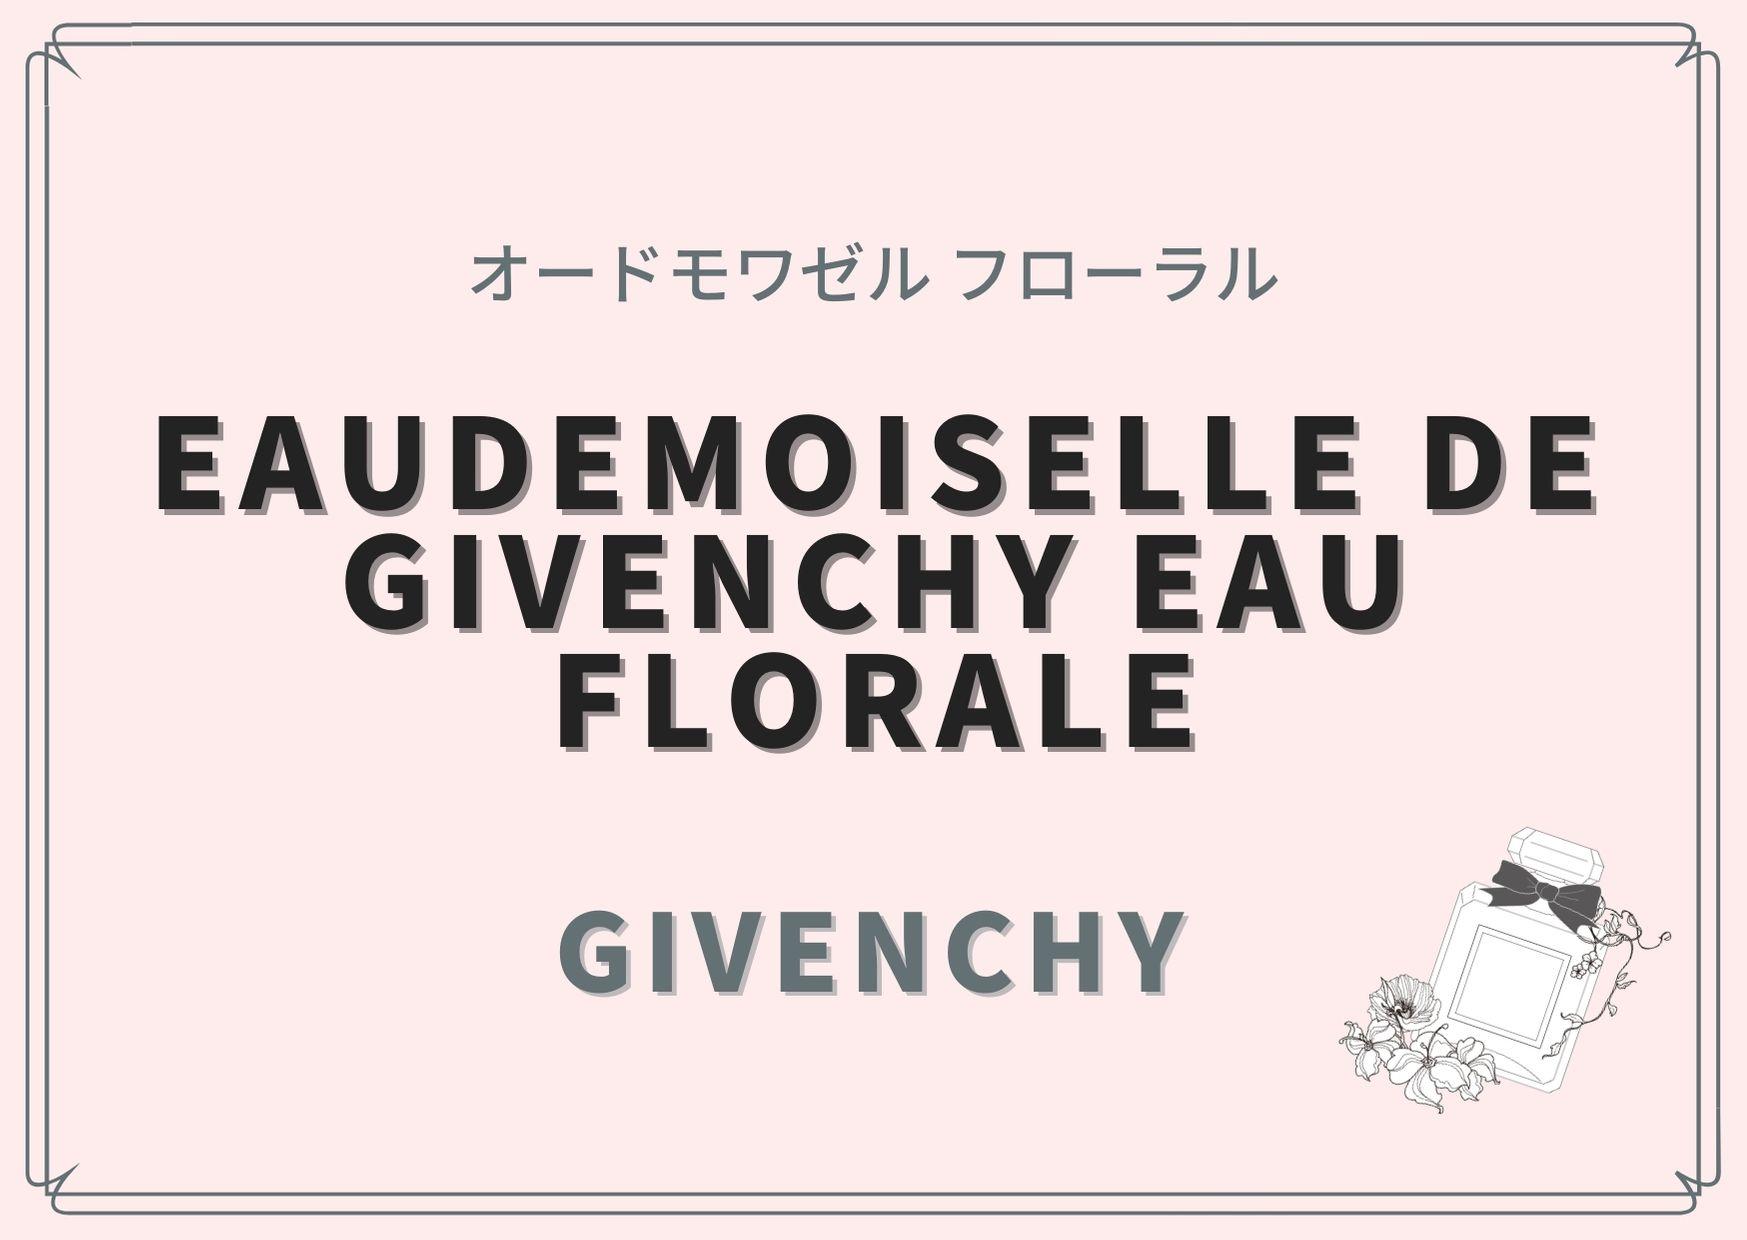 Eaudemoiselle de givenchy eau florale (オードモワゼル フローラル)/GIVENCHY(ジバンシィ)